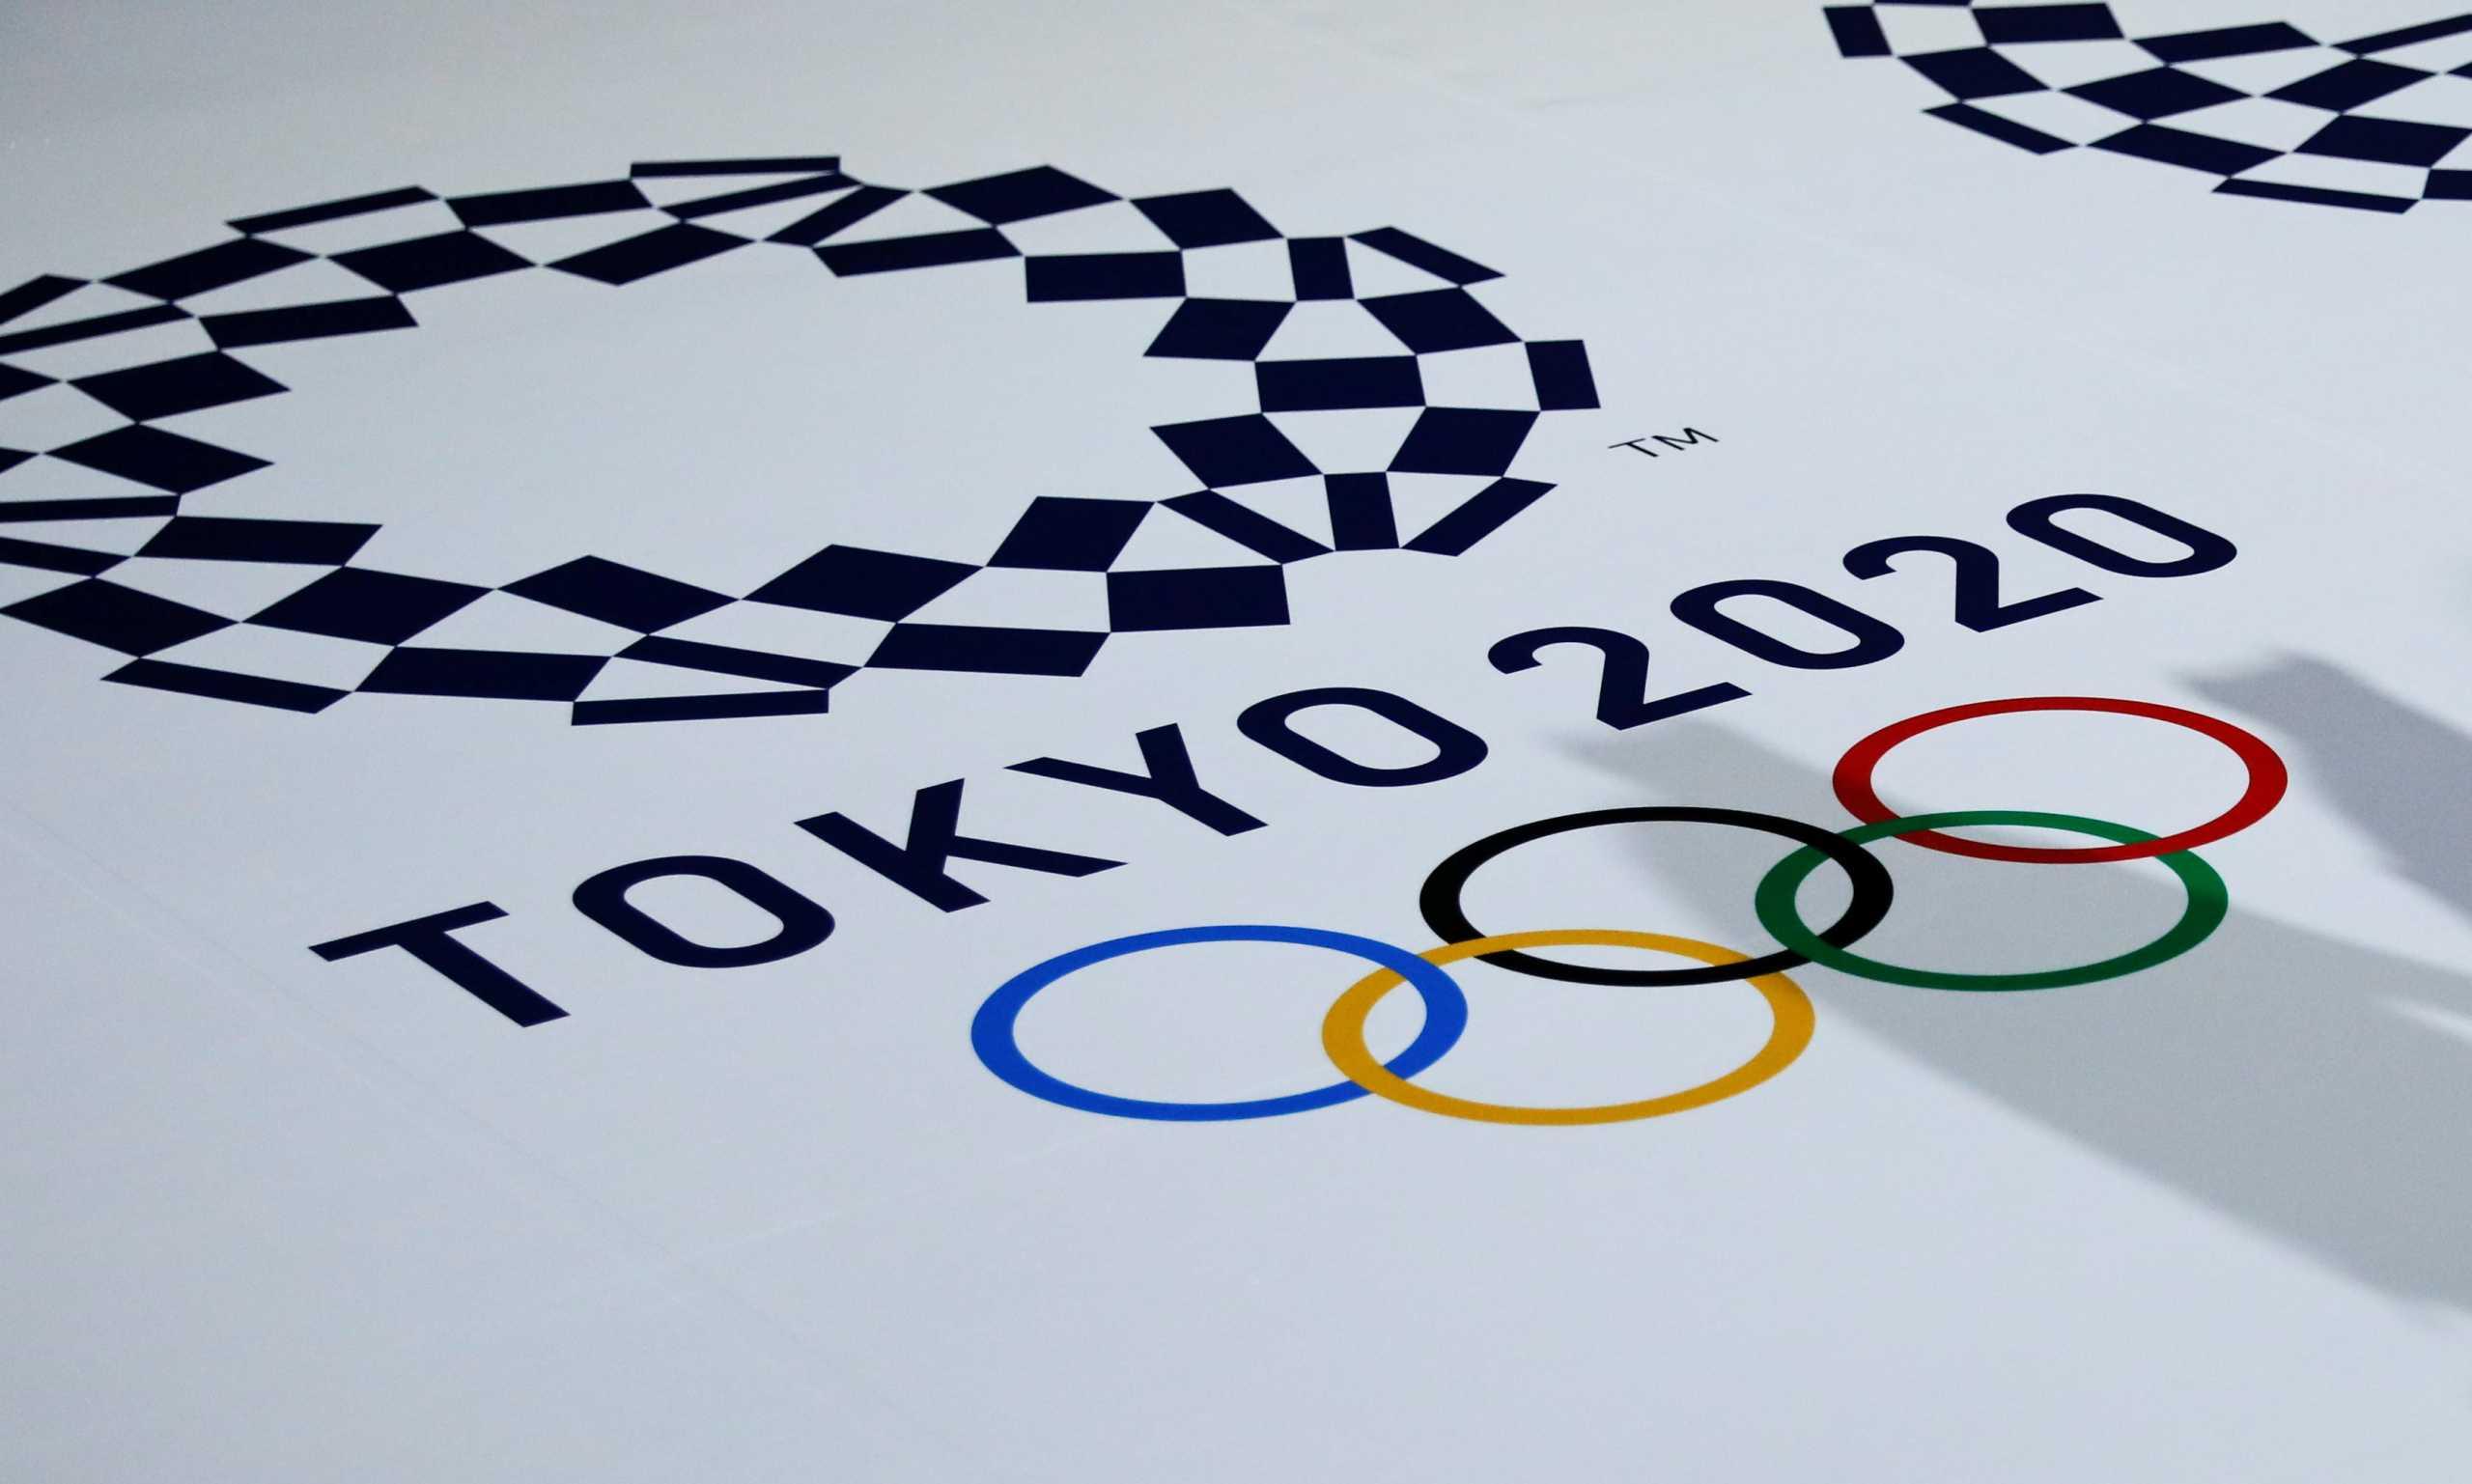 Αυτοκτόνησε μέλος της ιαπωνικής Ολυμπιακής Επιτροπής